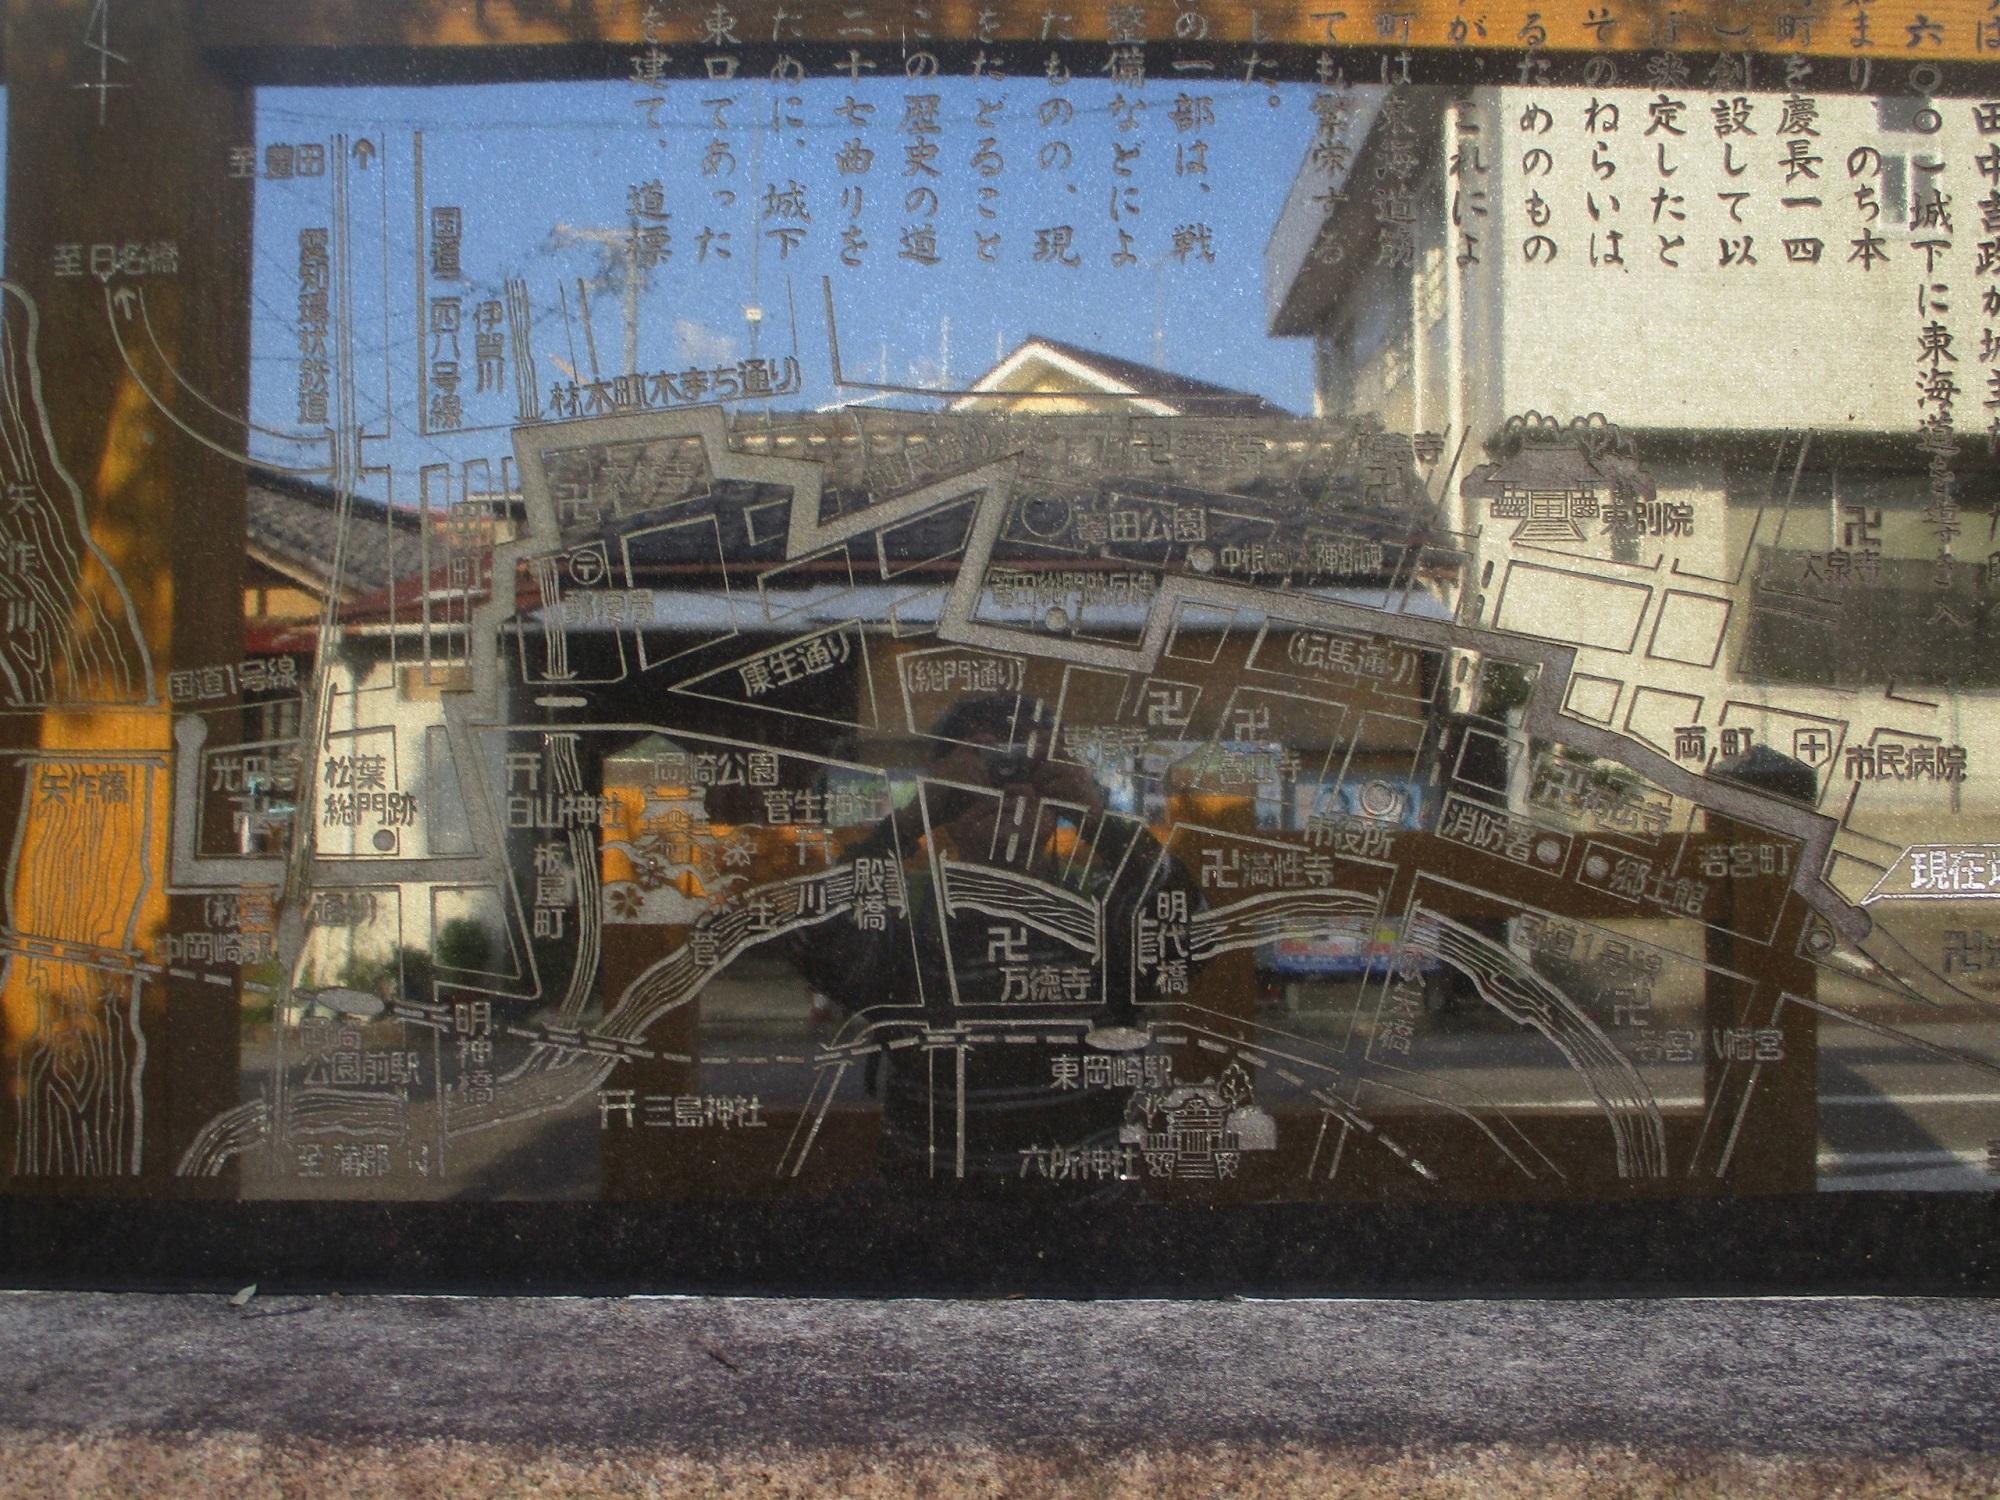 2019.10.27 (19) 冠木門のとなりのいしぶみの地図(なか) 2000-1500